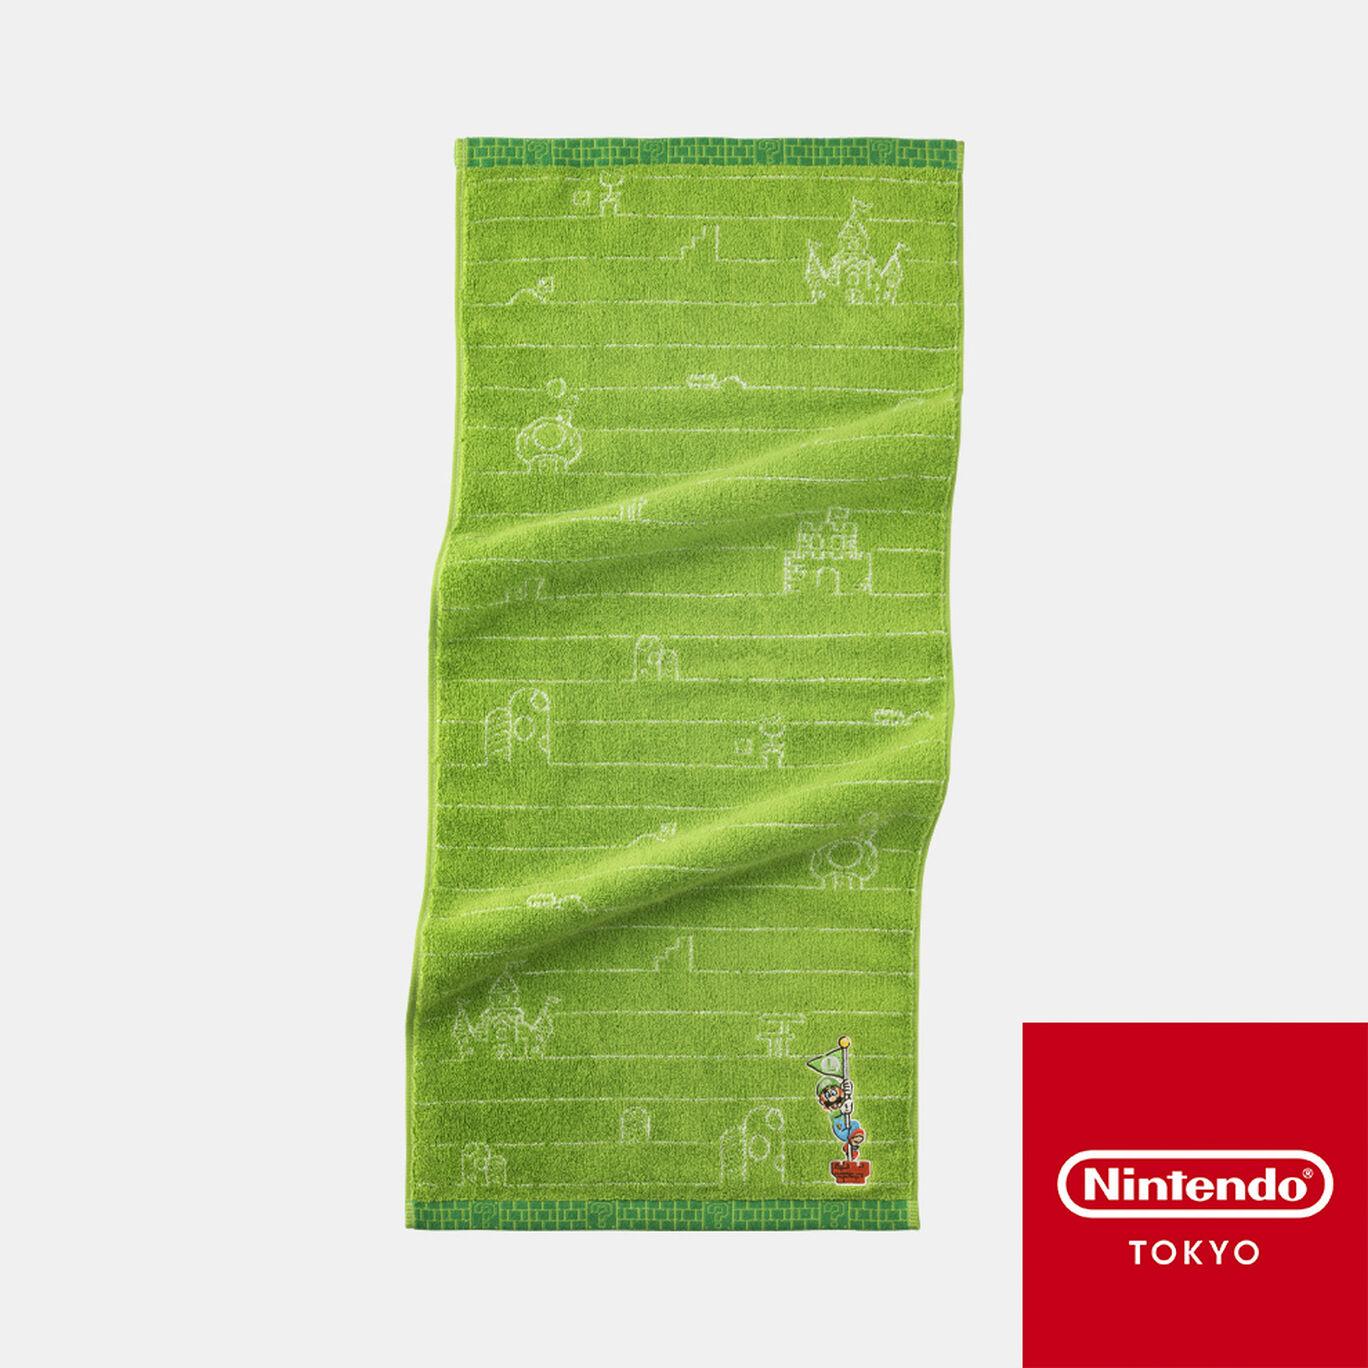 フェイスタオル スーパーマリオファミリーライフ ルイージ【Nintendo TOKYO取り扱い商品】